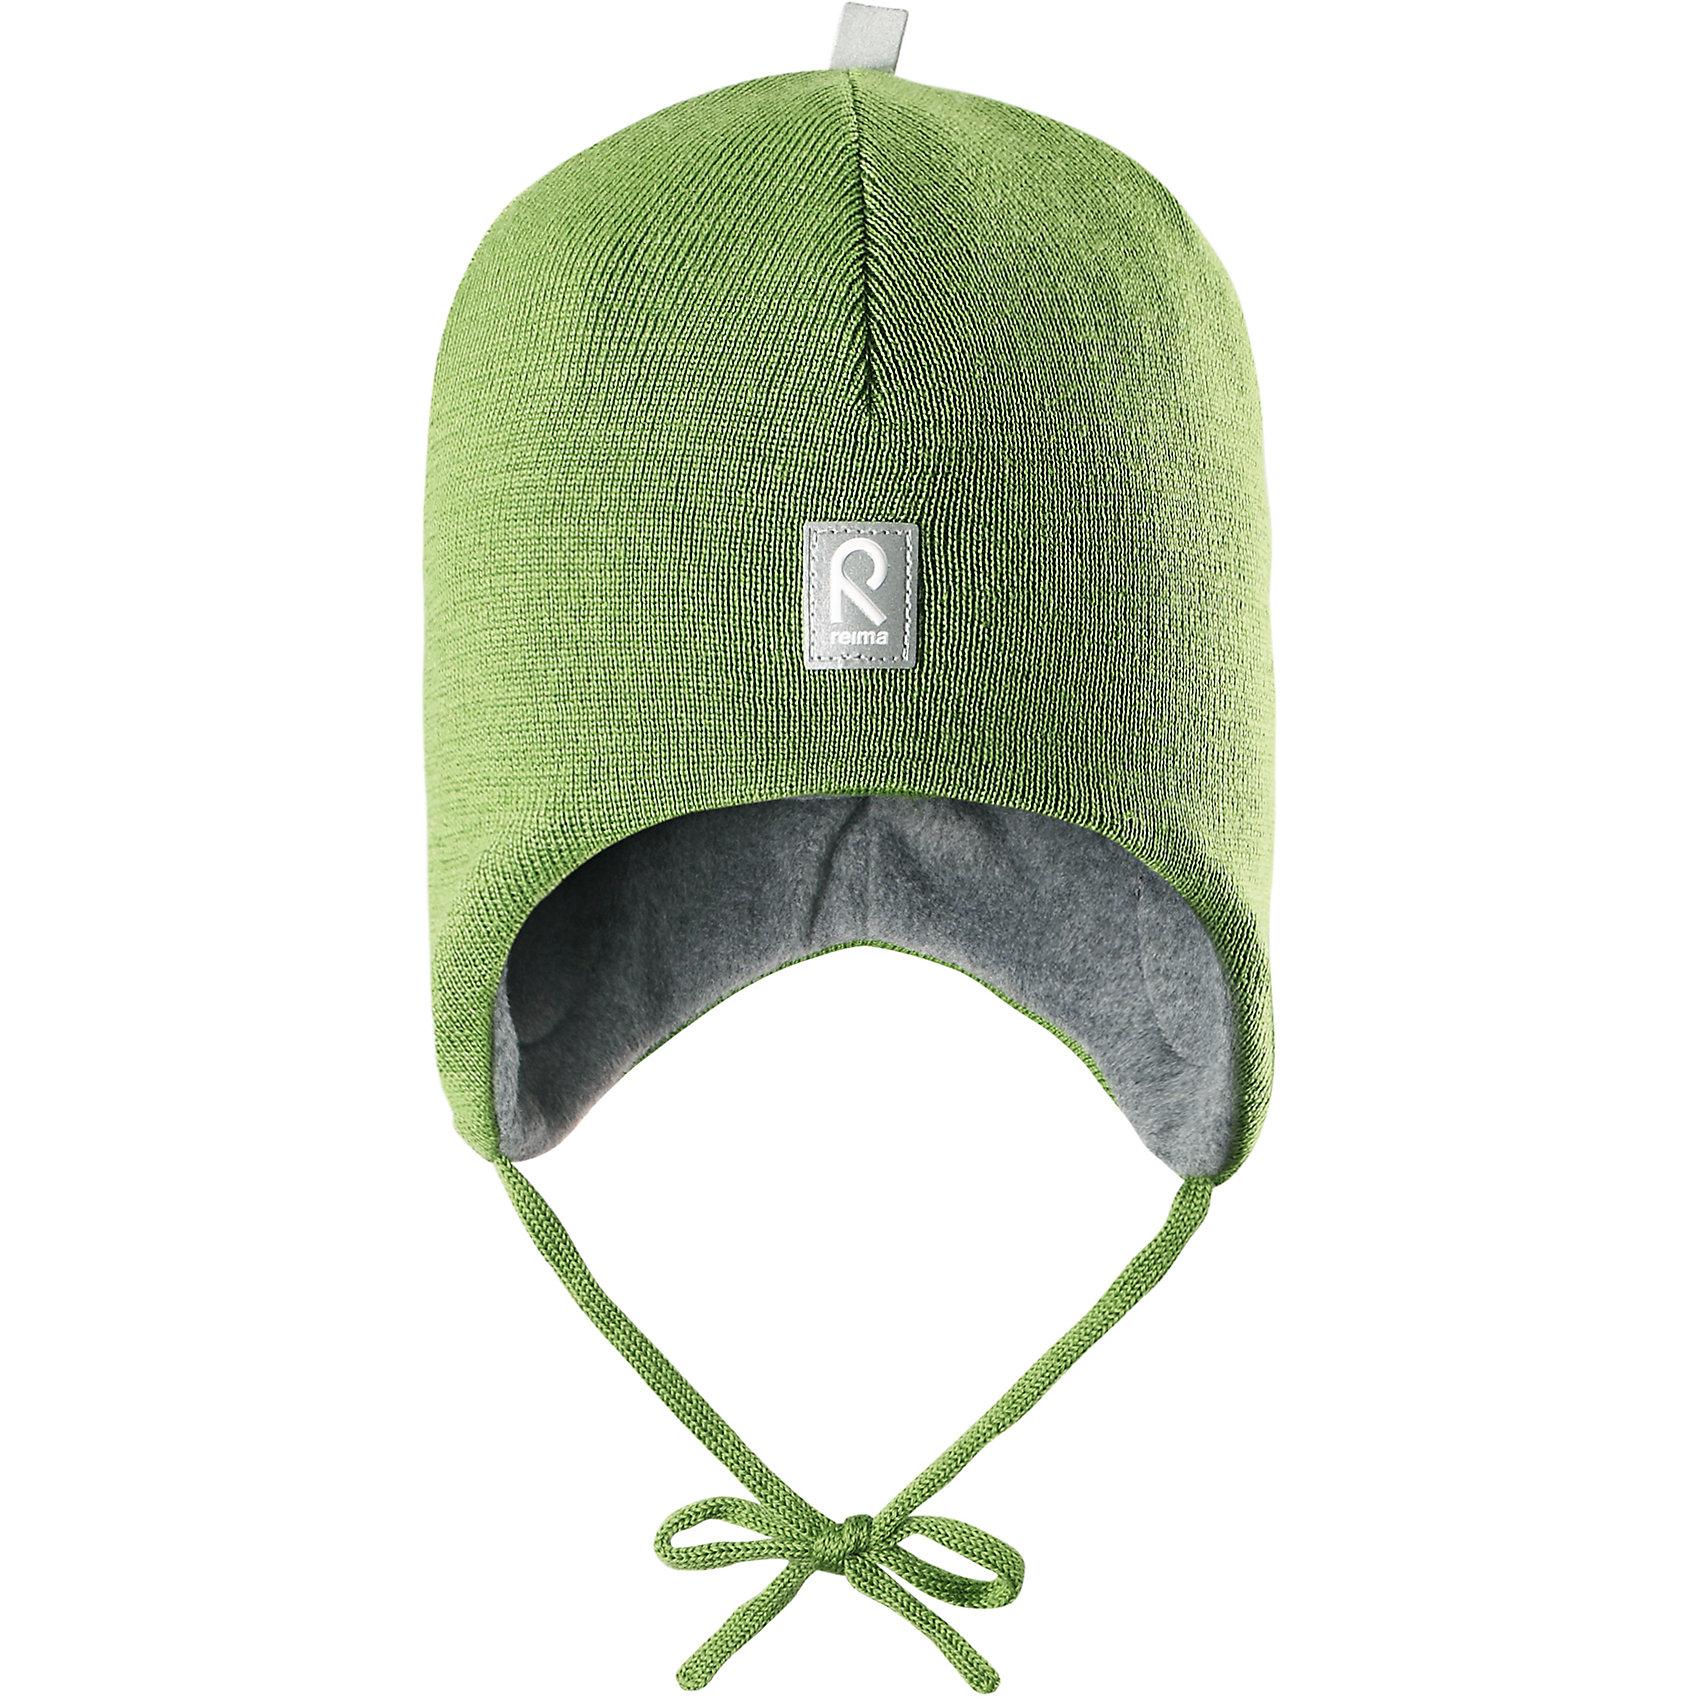 Шапка Auva ReimaШапка  Reima<br>Шапка «Бини» для малышей. Мягкая ткань из мериносовой шерсти для поддержания идеальной температуры тела. Теплая шерстяная вязка (волокно). Основной материал сертифицирован Oeko-Tex, класс 1, одежда для малышей. Ветронепроницаемые вставки в области ушей. Любые размеры. Мягкая теплая подкладка из поларфлиса. Светоотражающие детали сверху.<br>Уход:<br>Стирать по отдельности, вывернув наизнанку. Придать первоначальную форму вo влажном виде. Возможна усадка 5 %.<br>Состав:<br>100% Шерсть<br><br>Ширина мм: 89<br>Глубина мм: 117<br>Высота мм: 44<br>Вес г: 155<br>Цвет: зеленый<br>Возраст от месяцев: 18<br>Возраст до месяцев: 36<br>Пол: Унисекс<br>Возраст: Детский<br>Размер: 50,52,48,46<br>SKU: 4775736